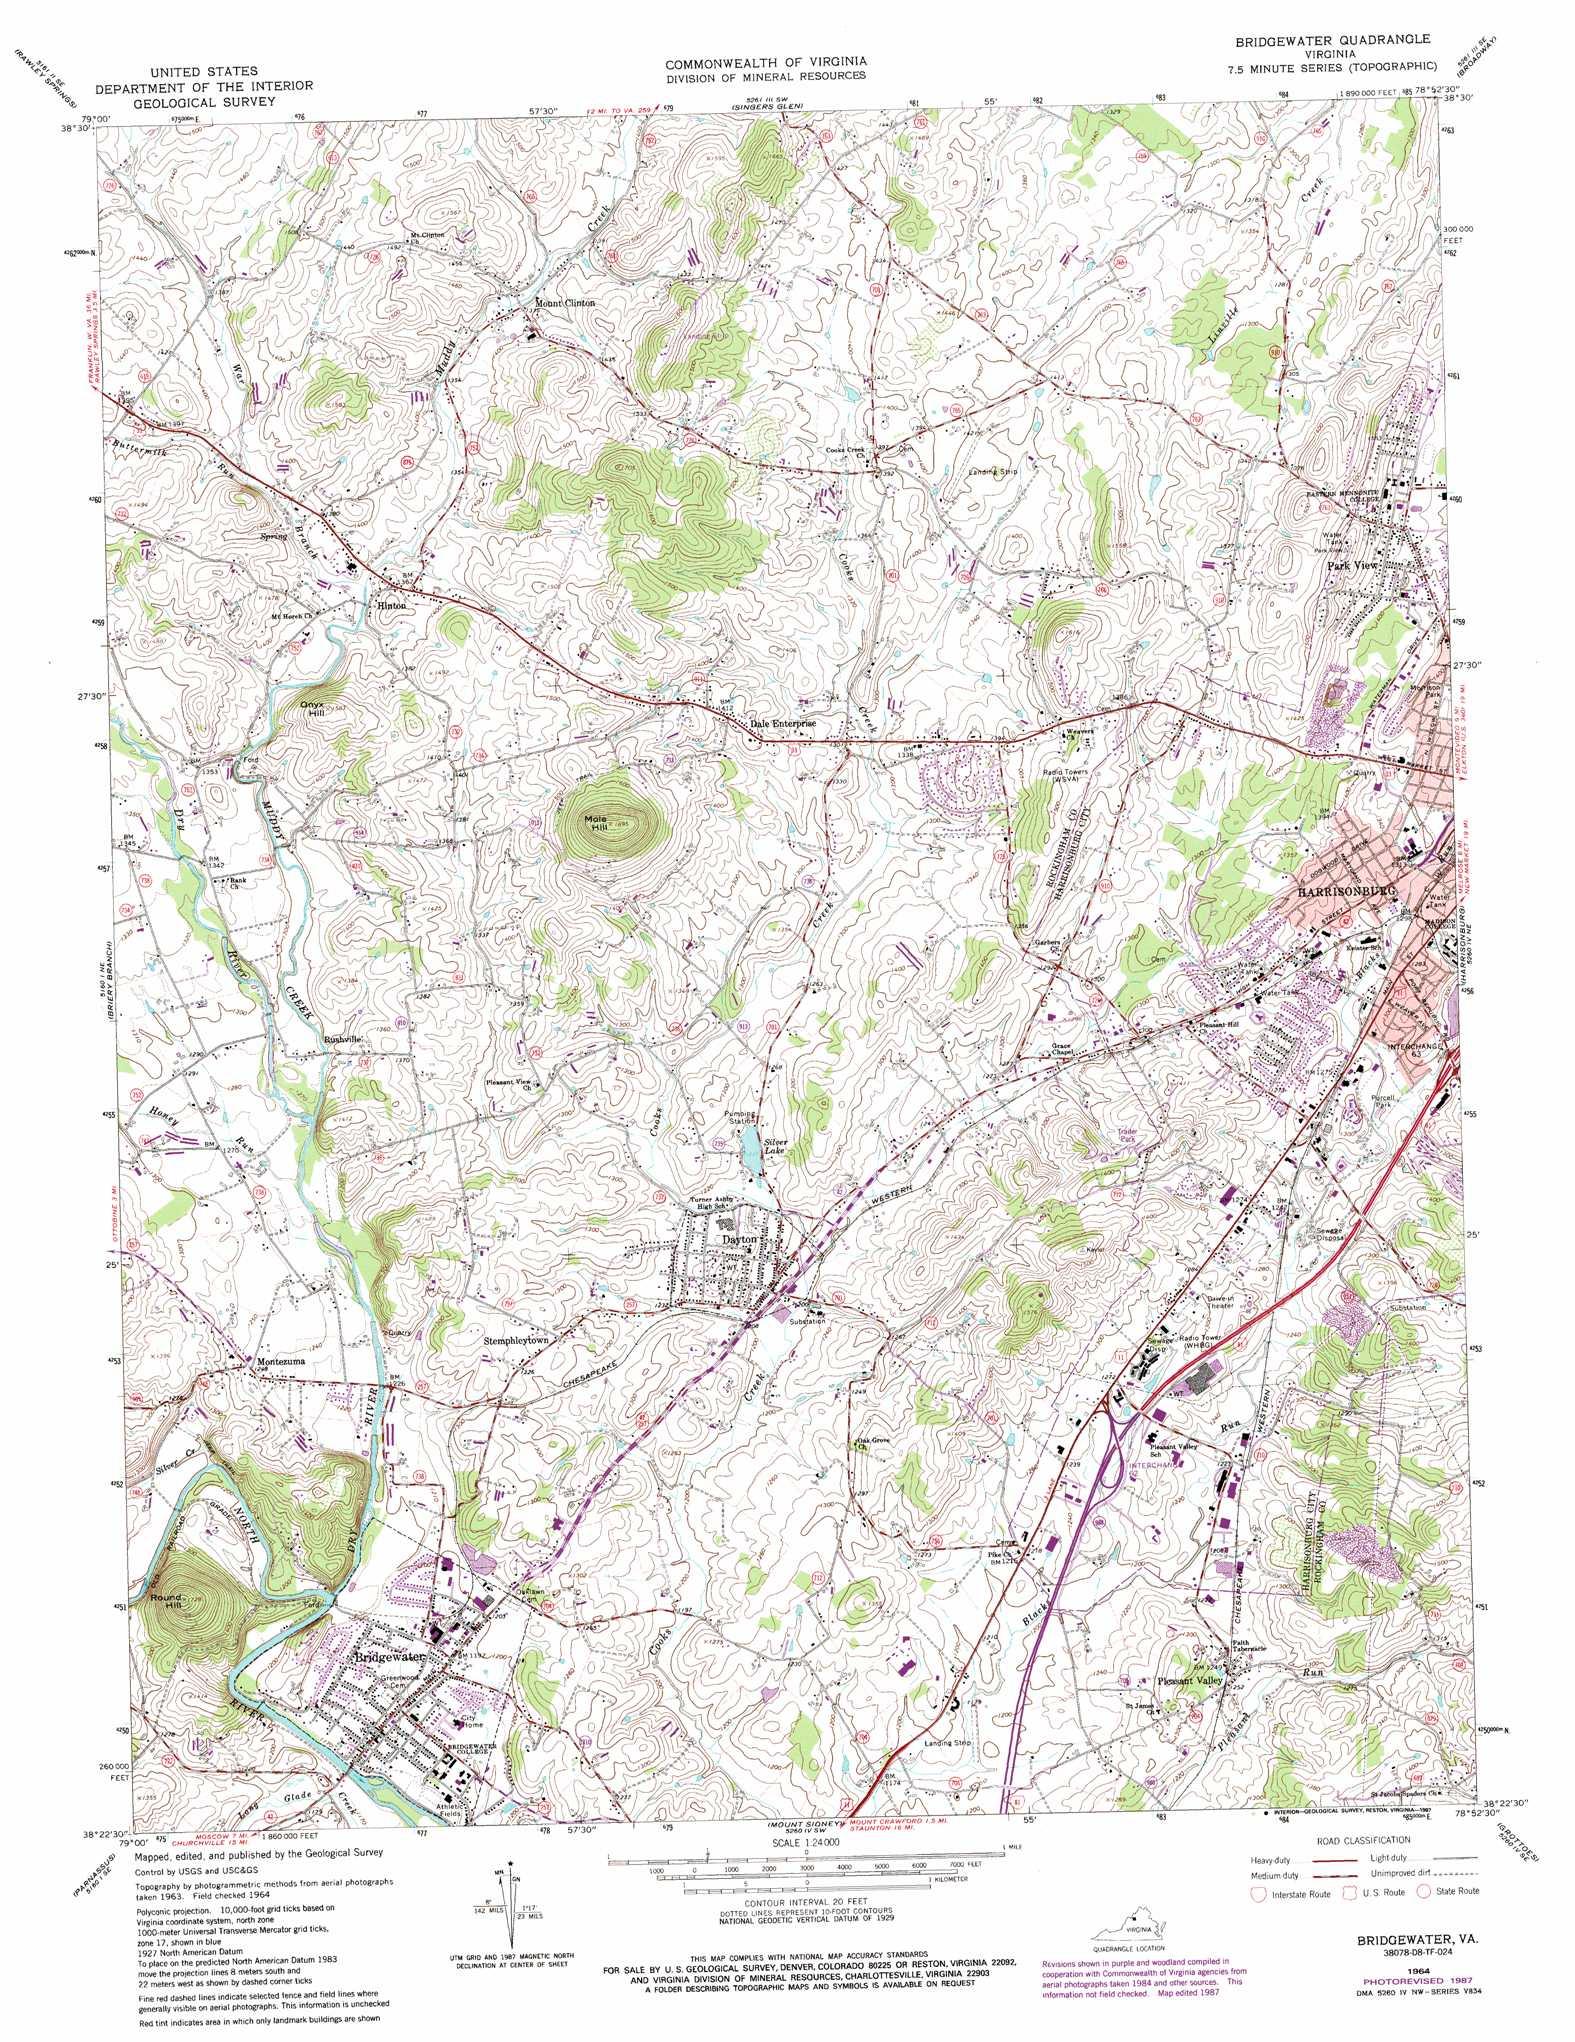 Bridgewater Topographic Map VA  USGS Topo Quad 38078d8